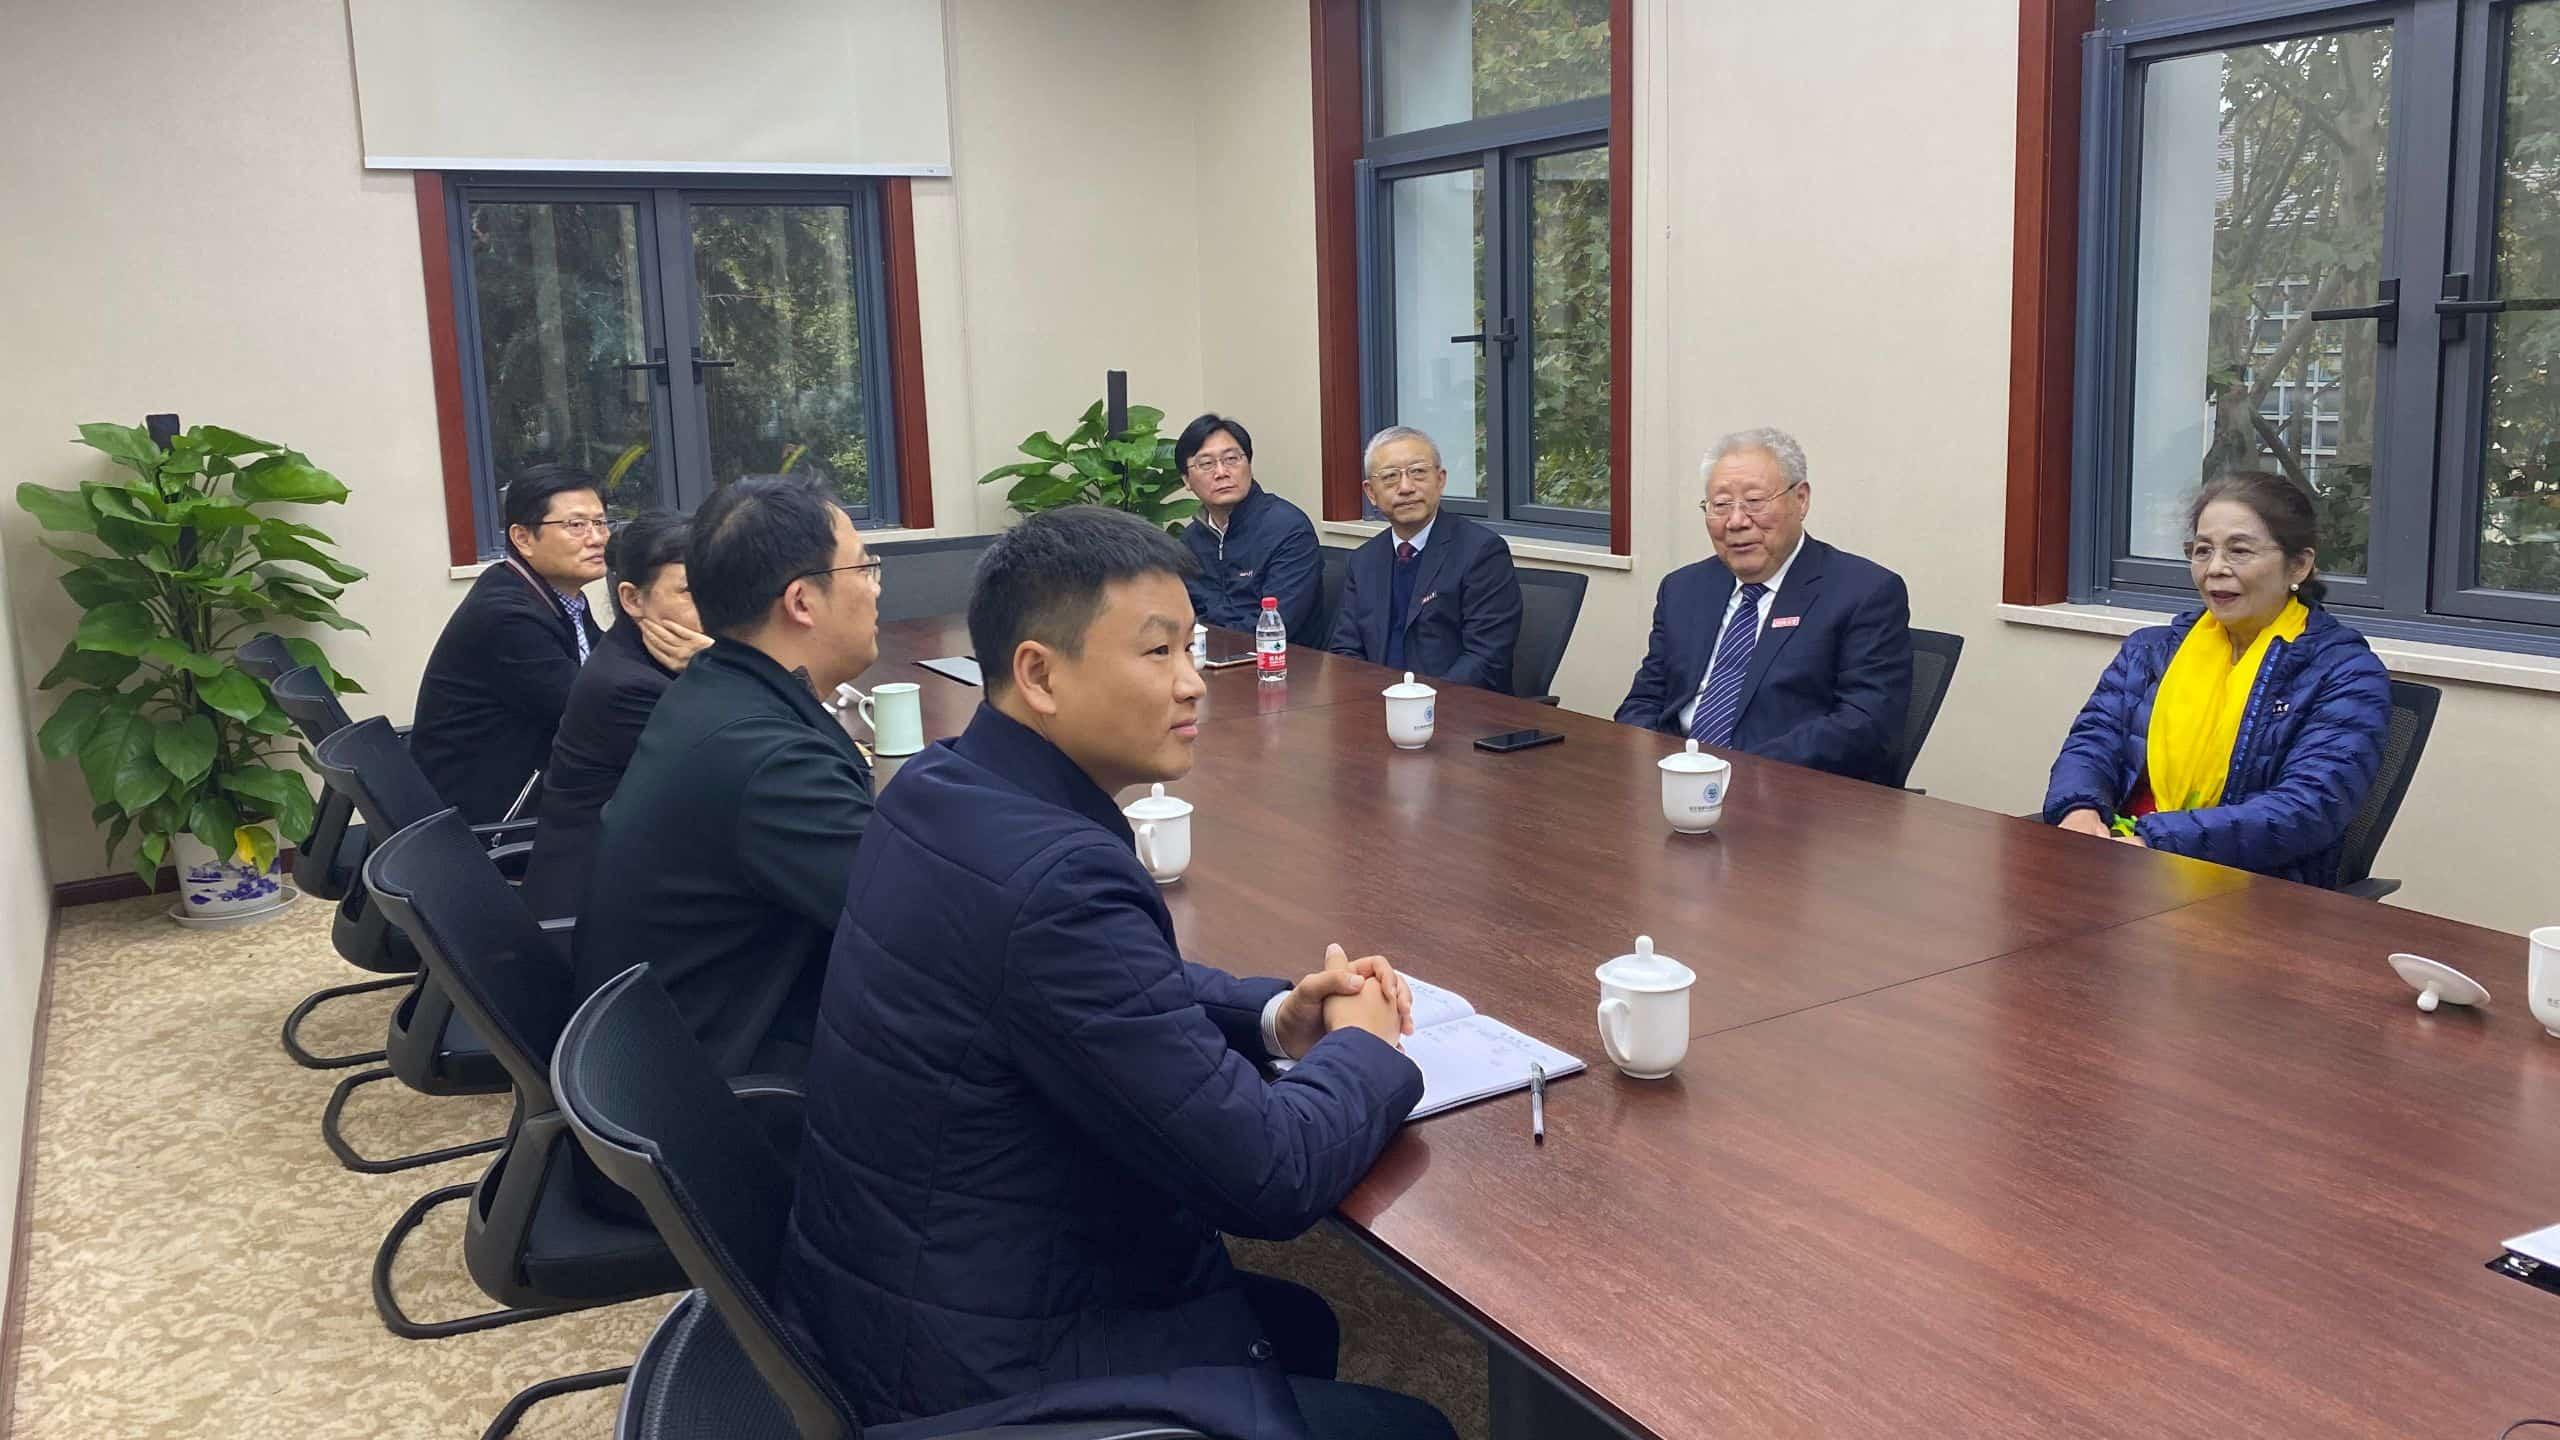 张基尧部长访问长江保护与绿色发展研究院